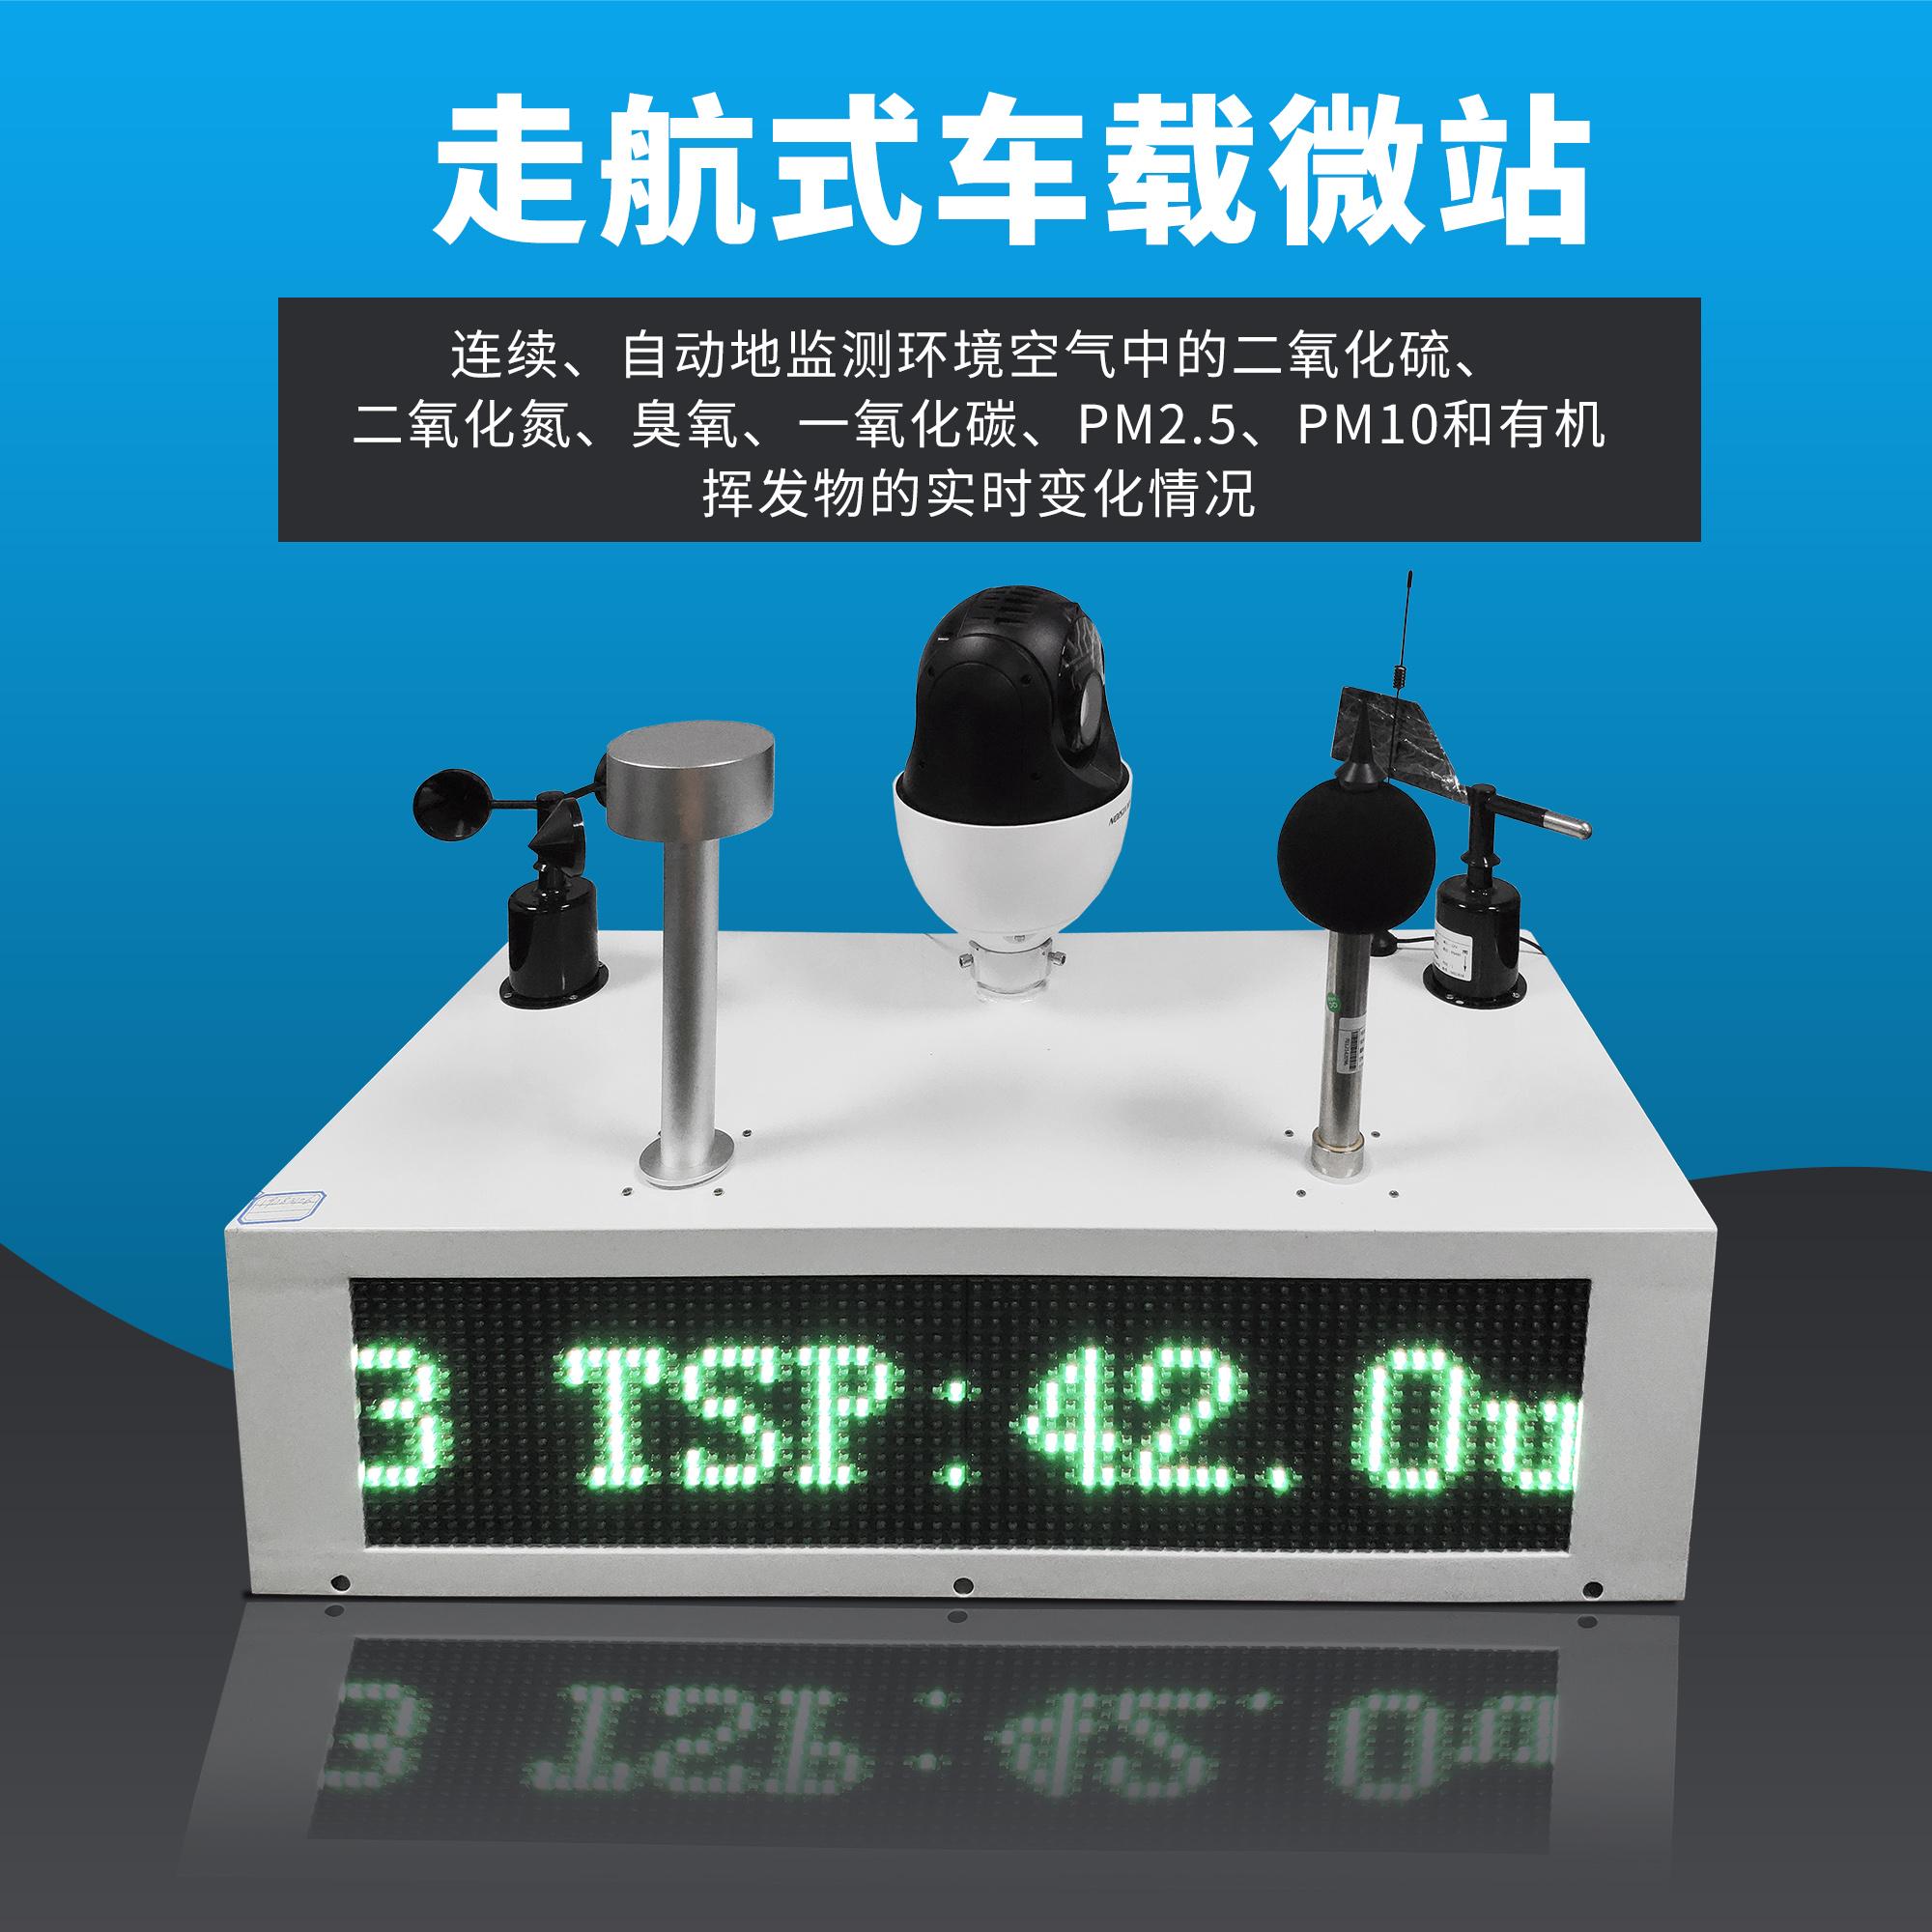 全自动走航式微型空气质量环境监测系统设备